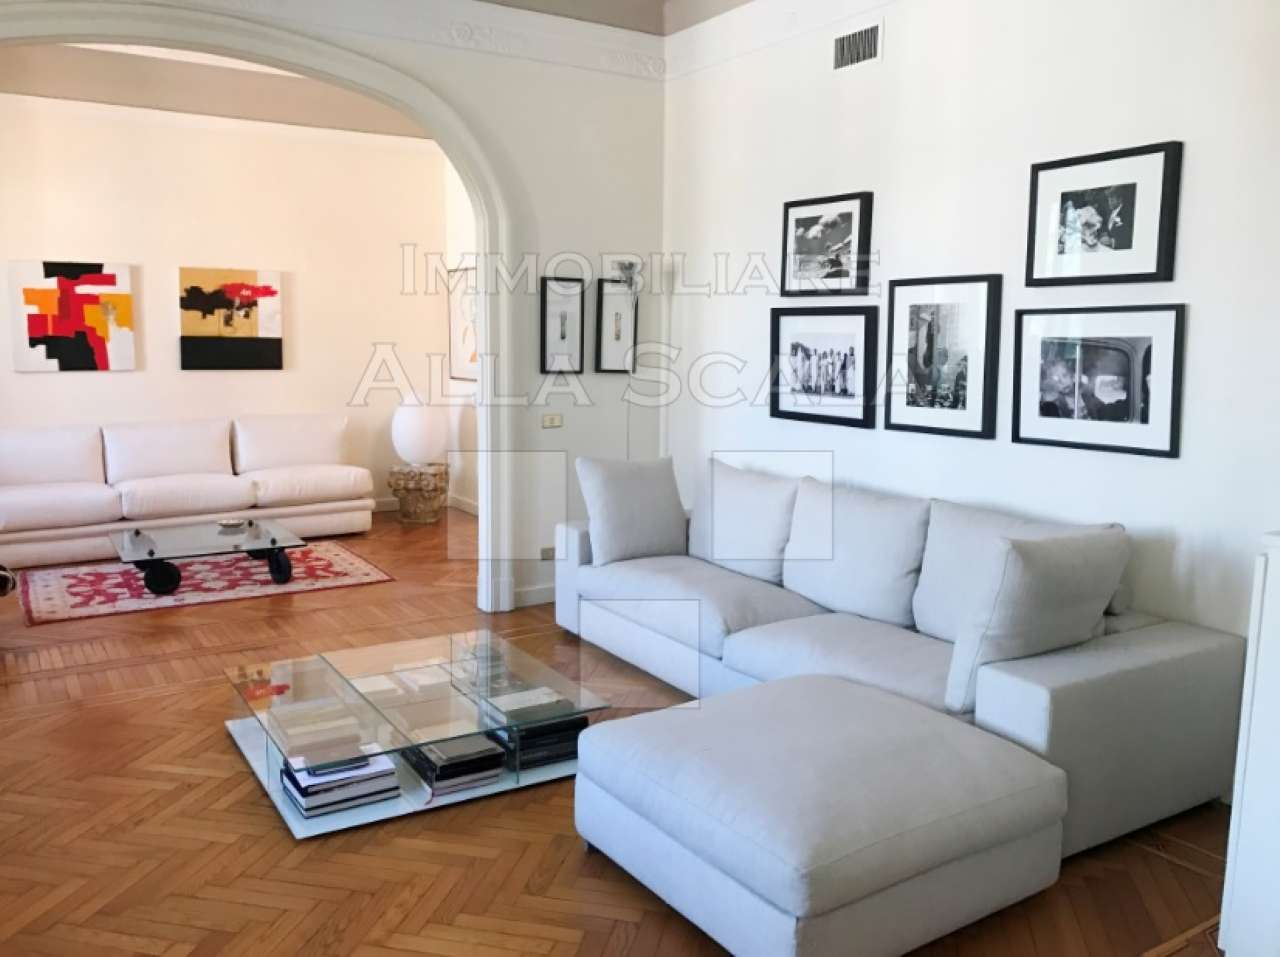 Appartamenti in affitto a milano trovocasa for Appartamenti milano